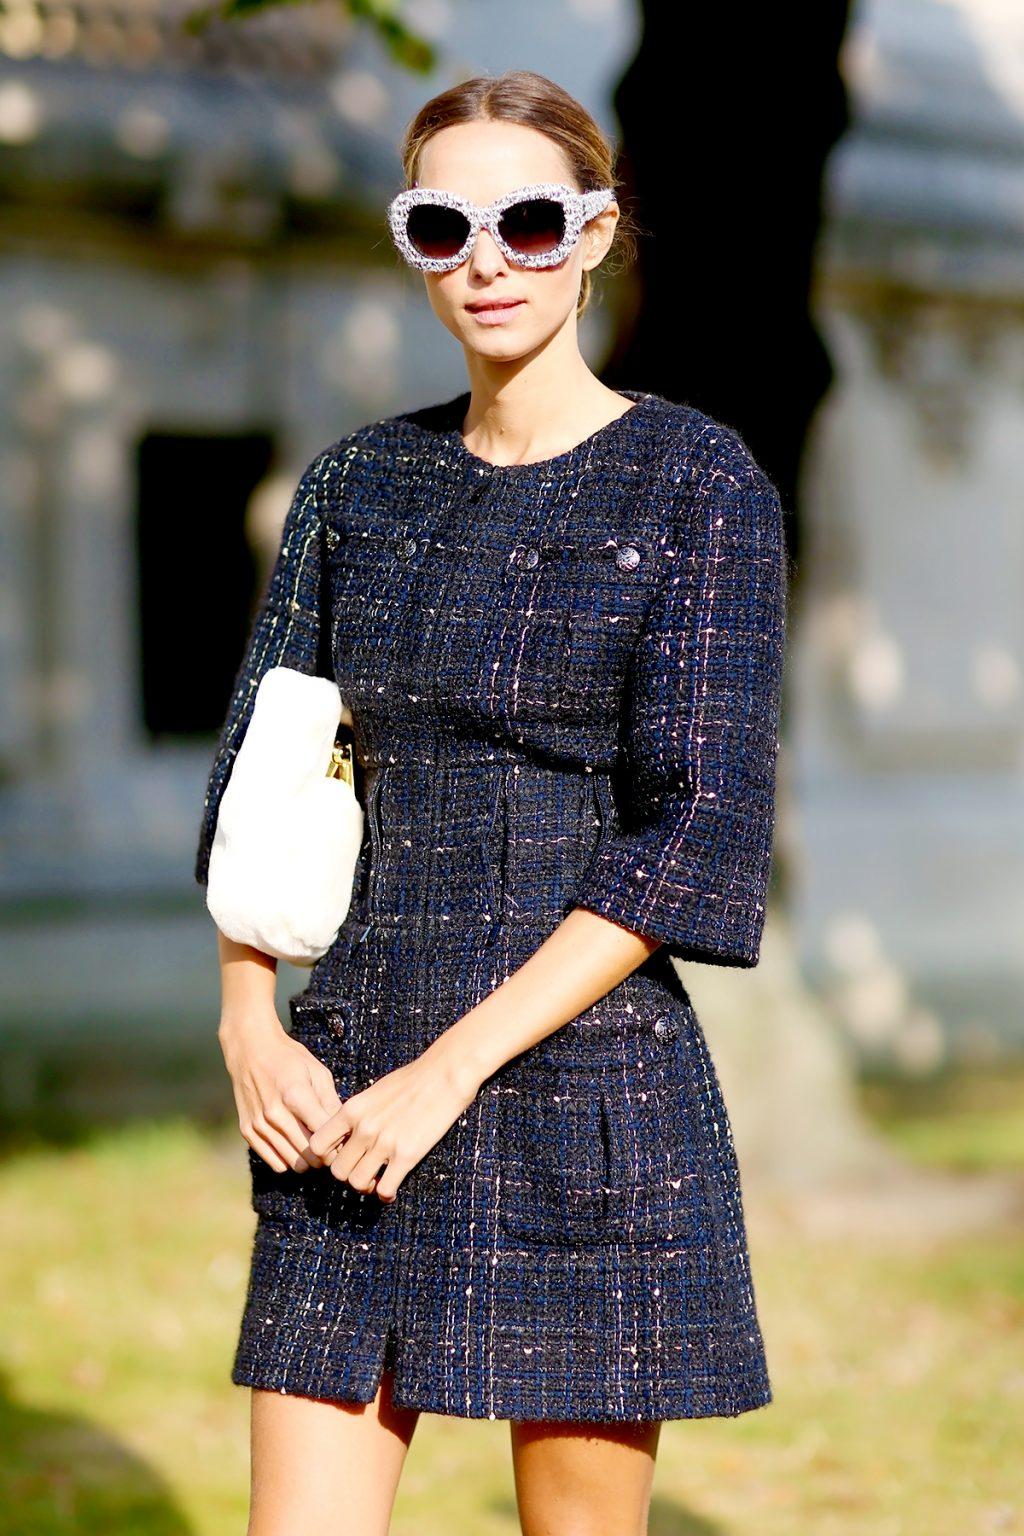 Vải tweed, chất liệu kinh điển trong mùa Thu-Đông: đầm nữ đẹp